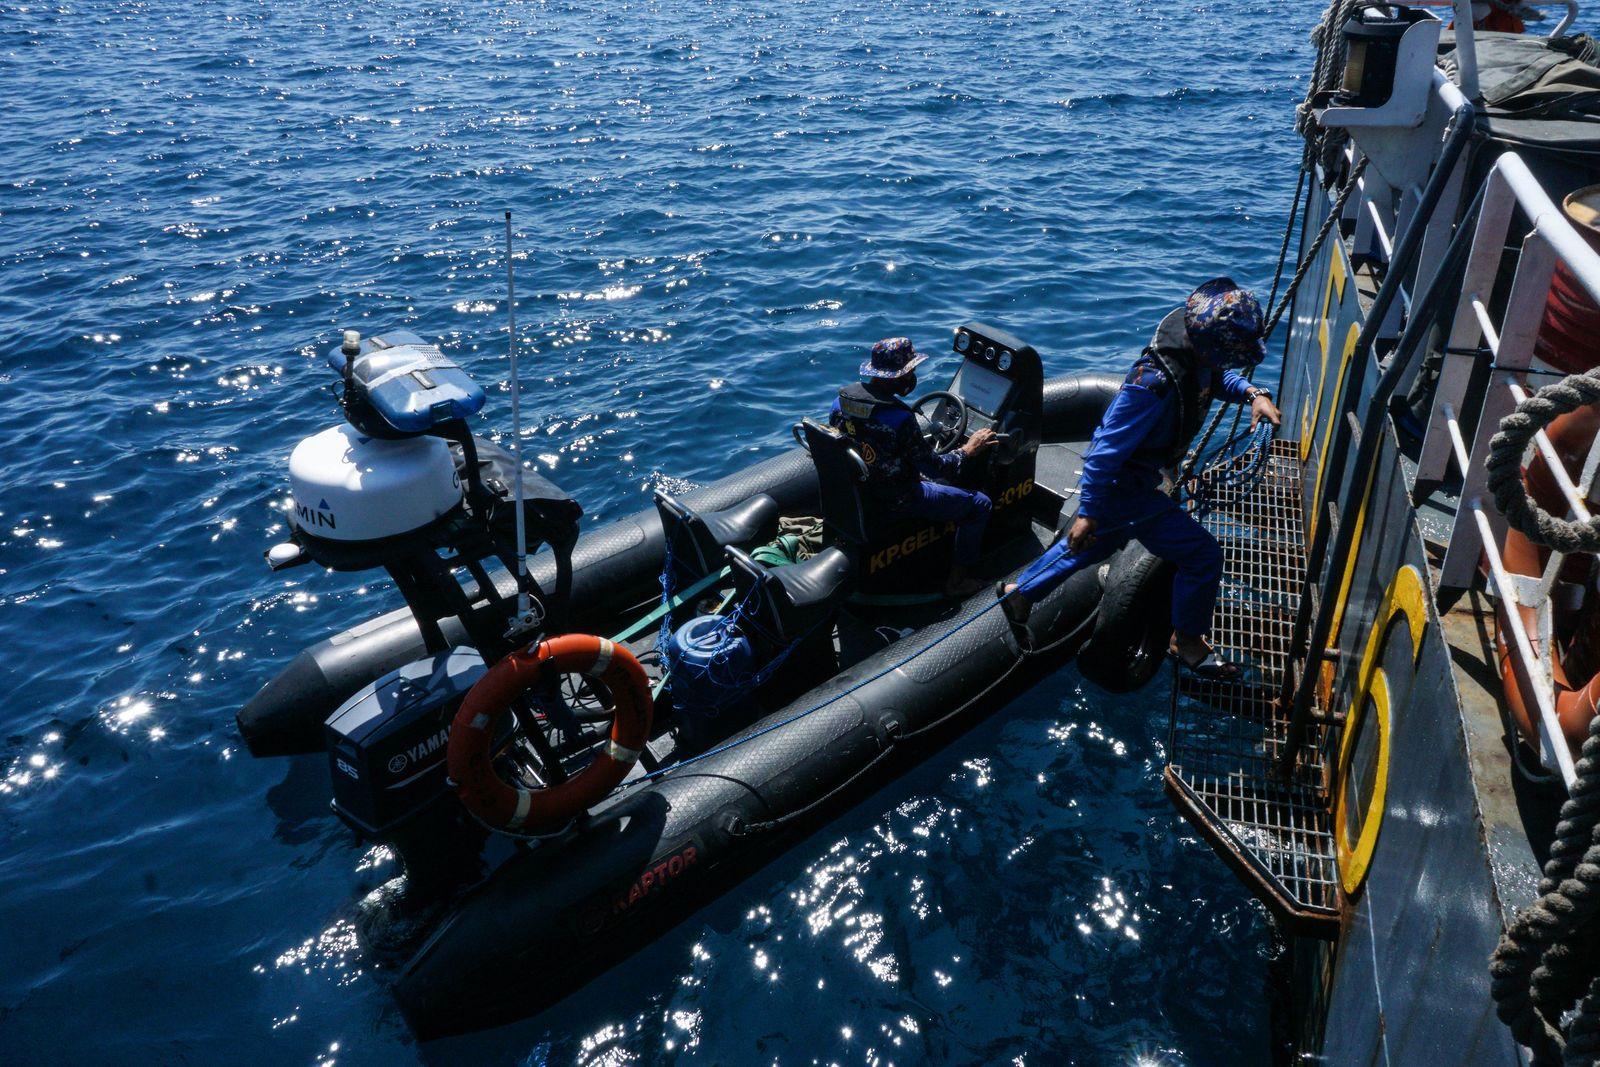 Vermisstes U-Boot vor Bali gefunden